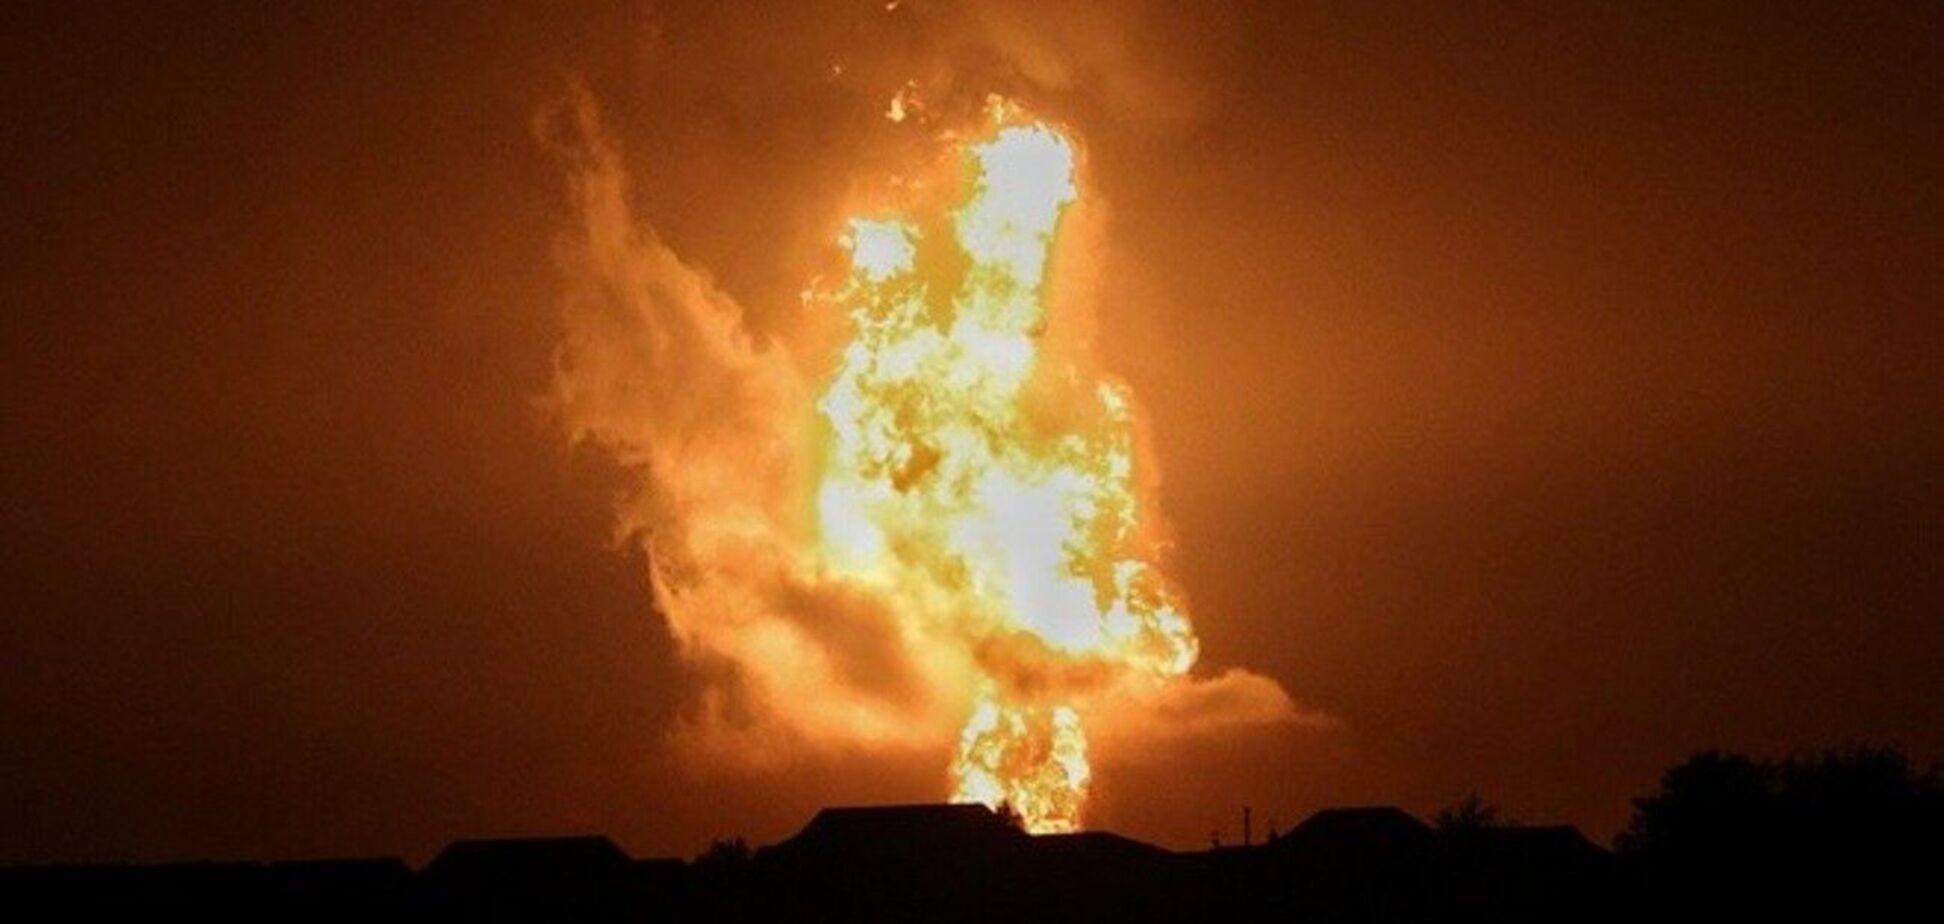 Назвали возможную причину взрыва в Каспийском море